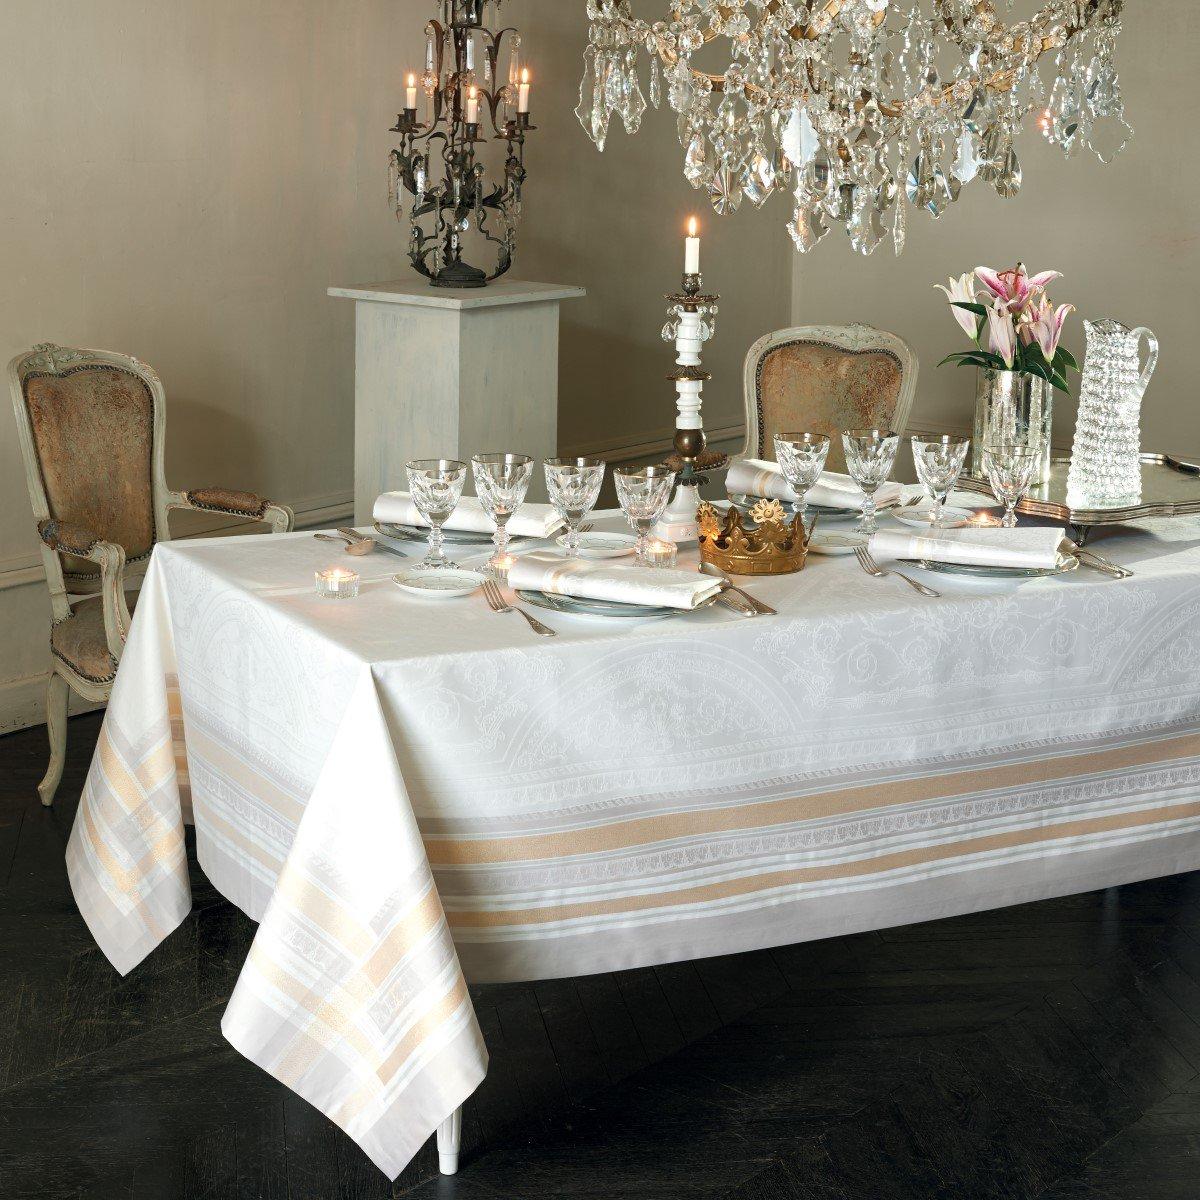 【撥水GS】テーブルクロス ギャルリーデグラス ヴェルメーユ